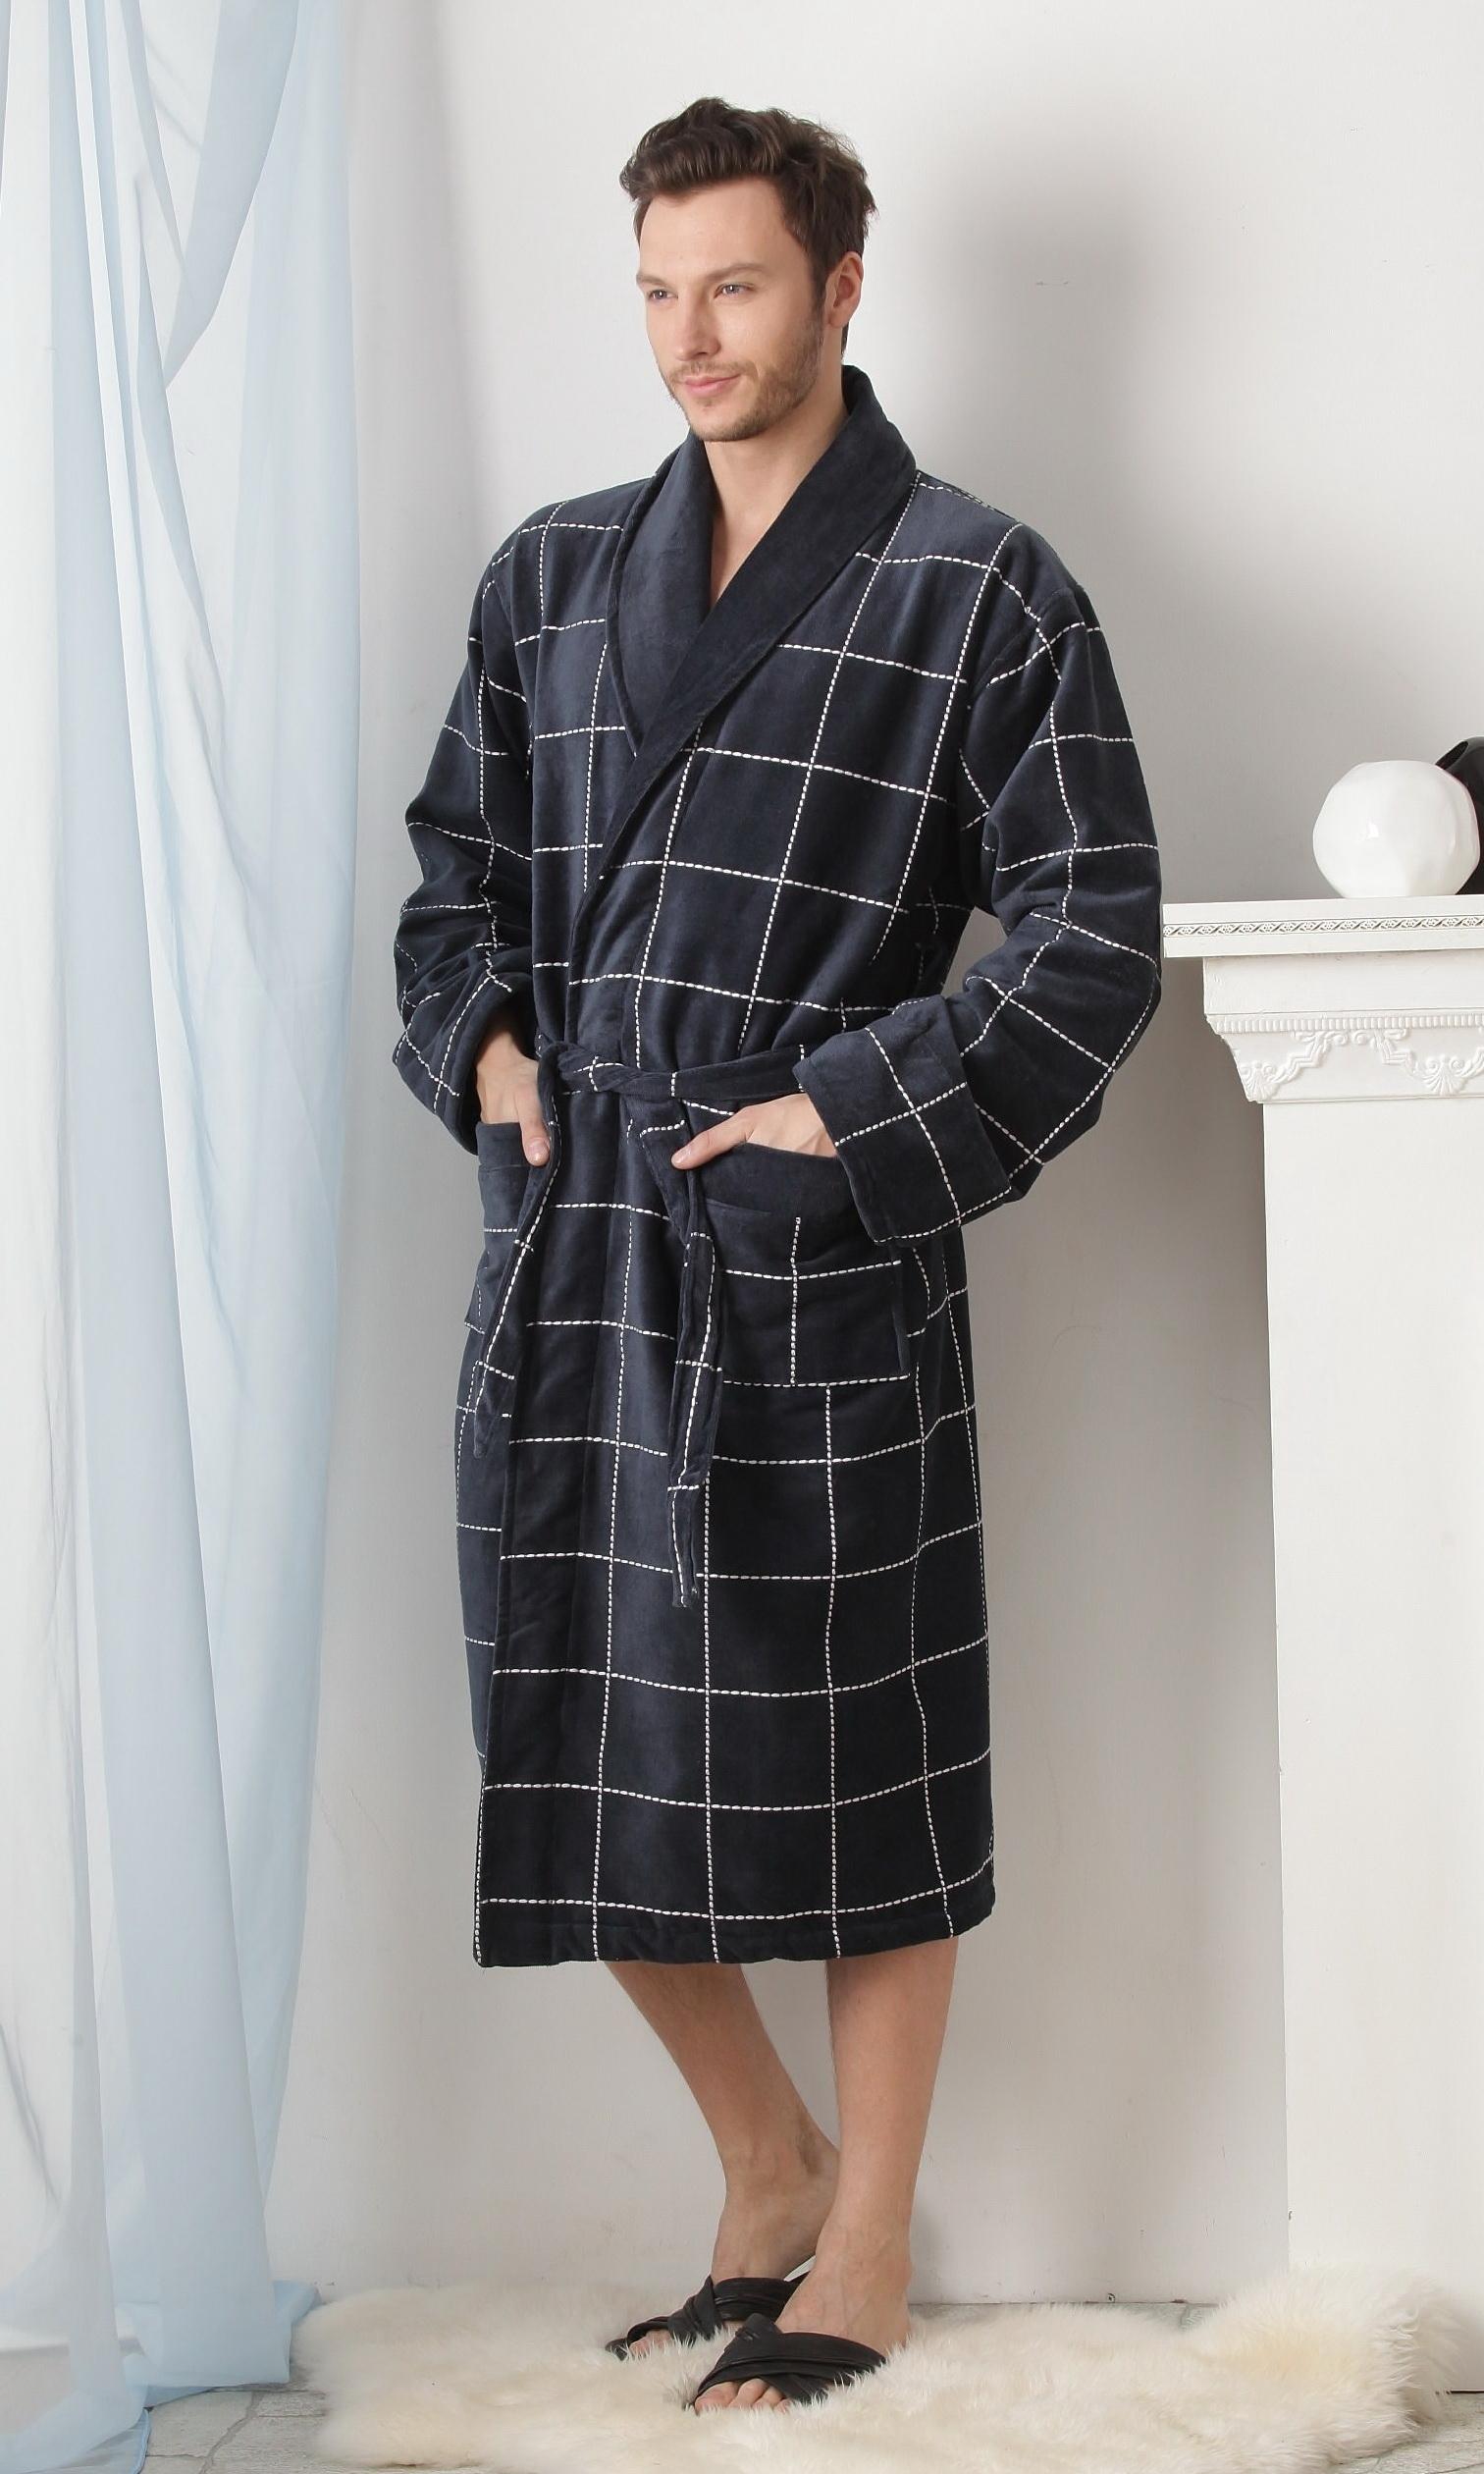 22c132f92c6f4 На сегодняшний день существует много разновидностей мужских халатов. Они  могут быть банные, для SPA-процедур и домашние. Но, почему-то, дизайнеры  уделяют не ...